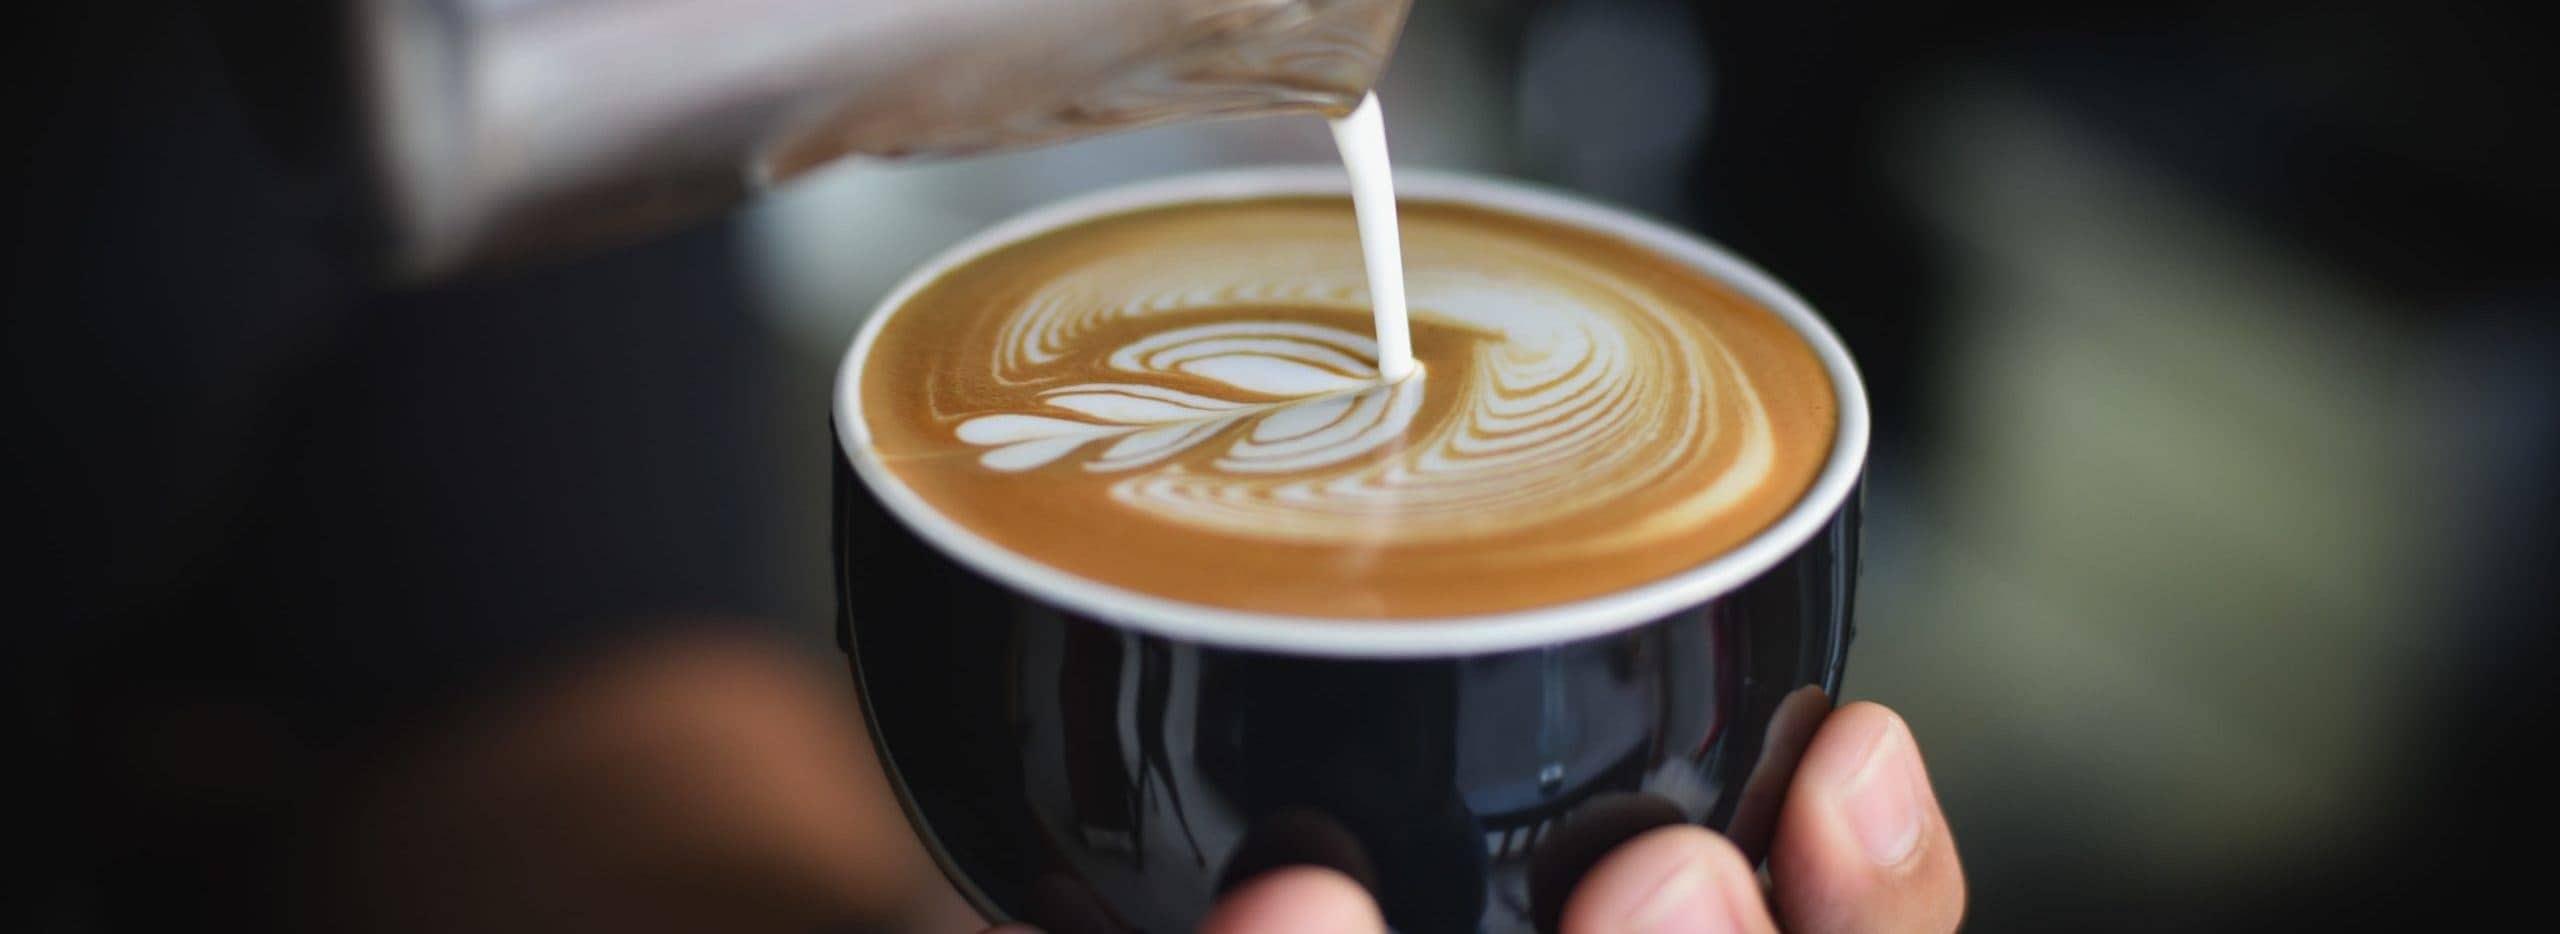 Eine Person giesst Milchschaum in einen Cappuccino